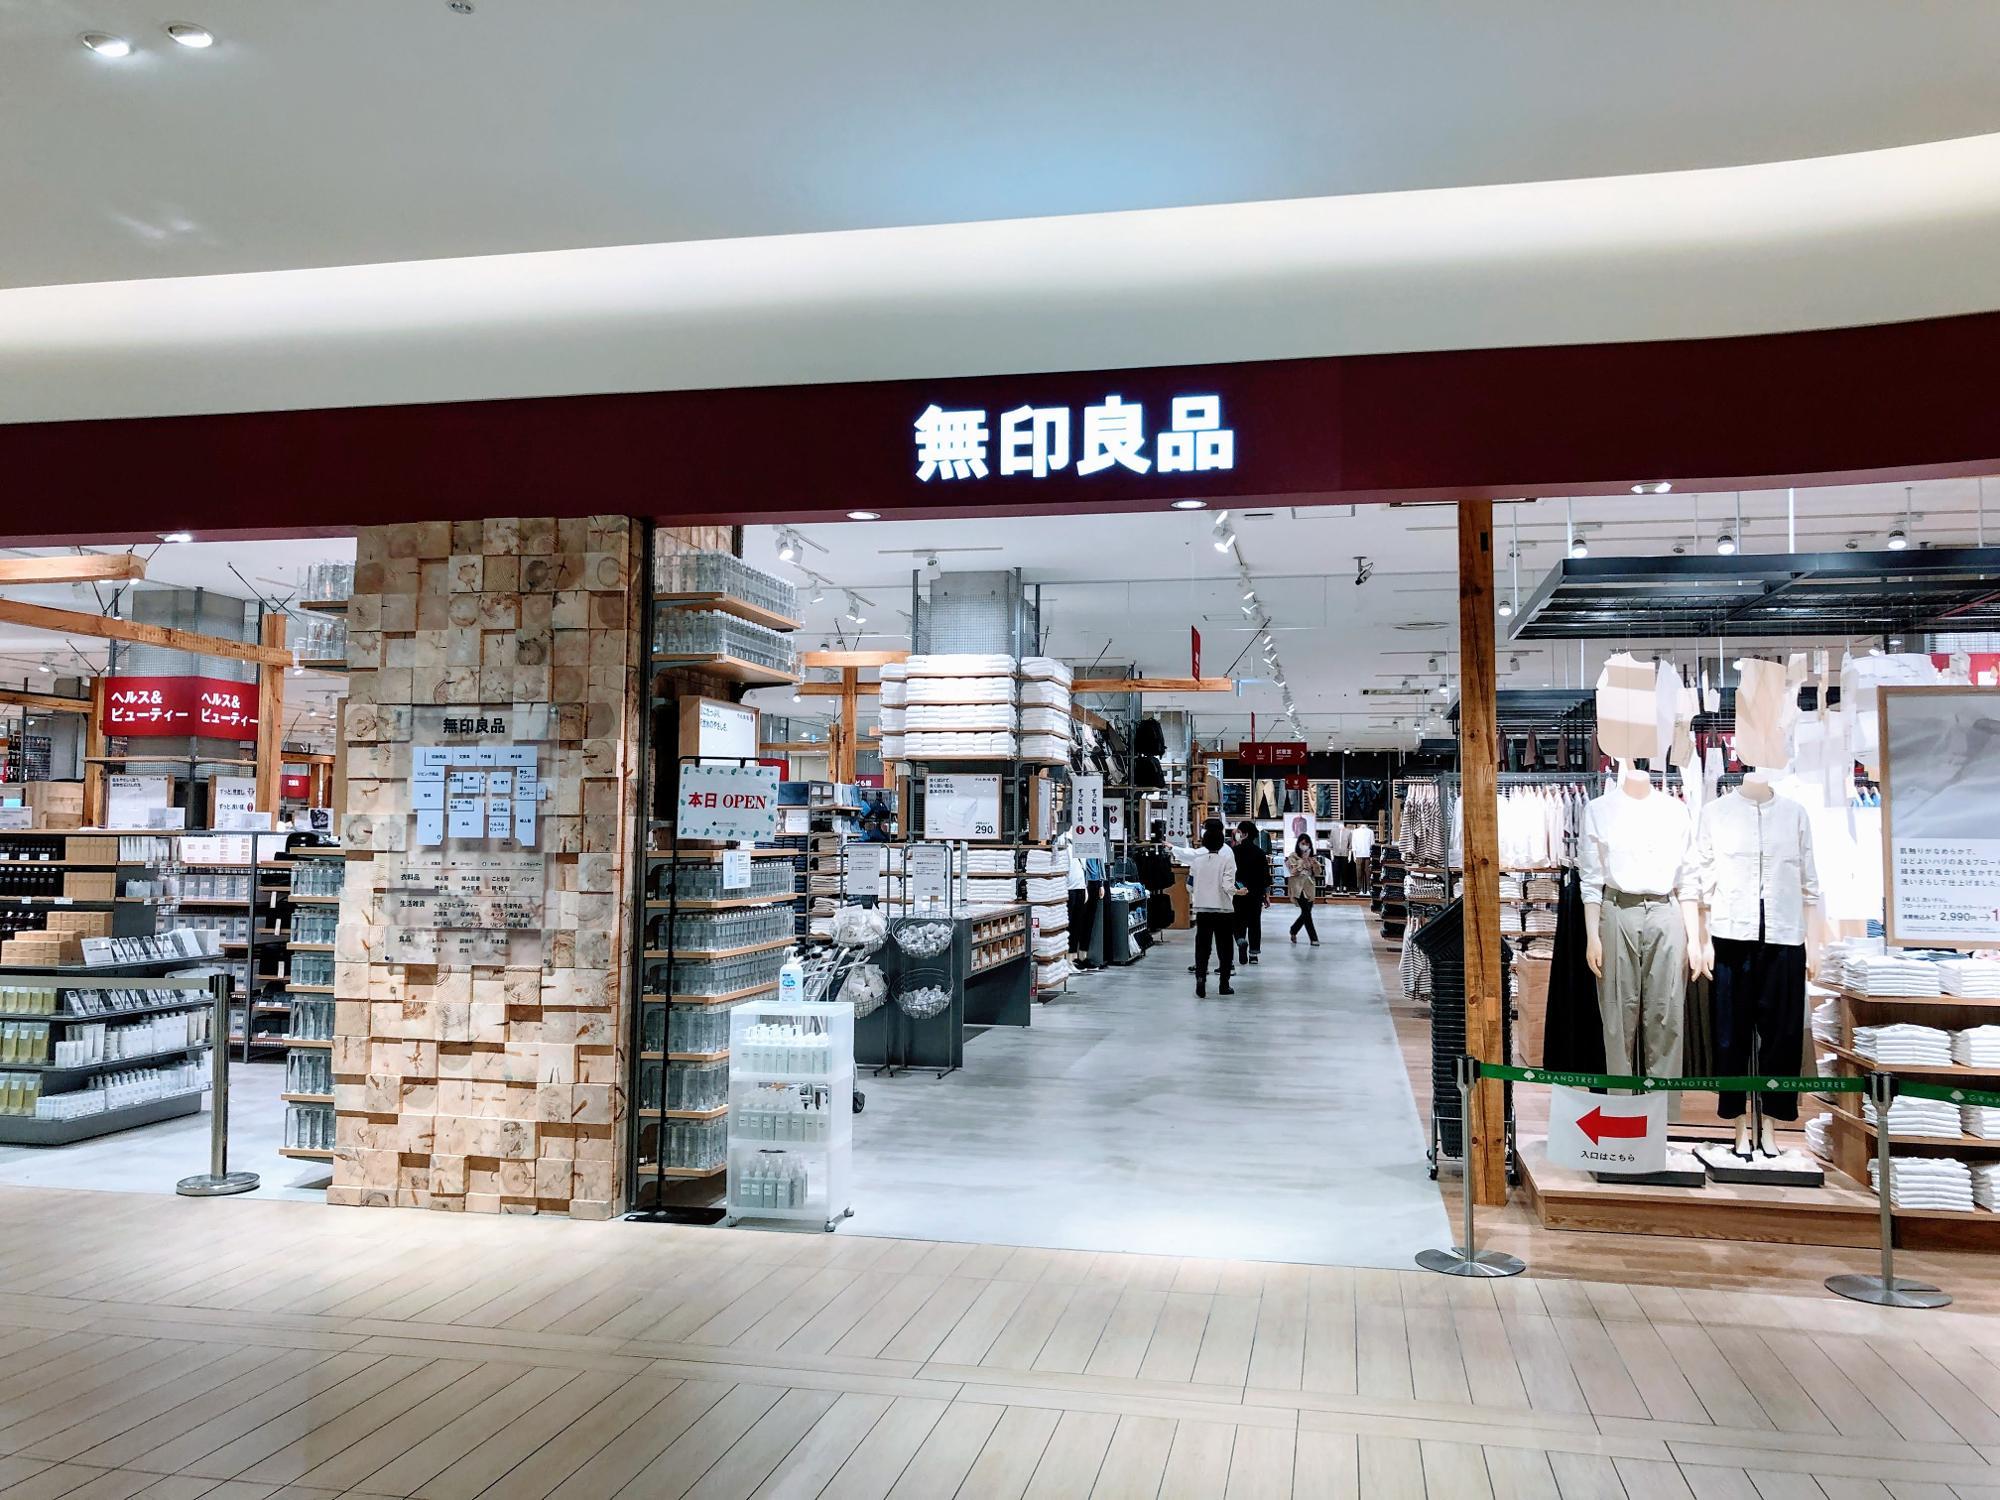 神奈川で2番目に大きな店舗となる無印良品グランツリー武蔵小杉店